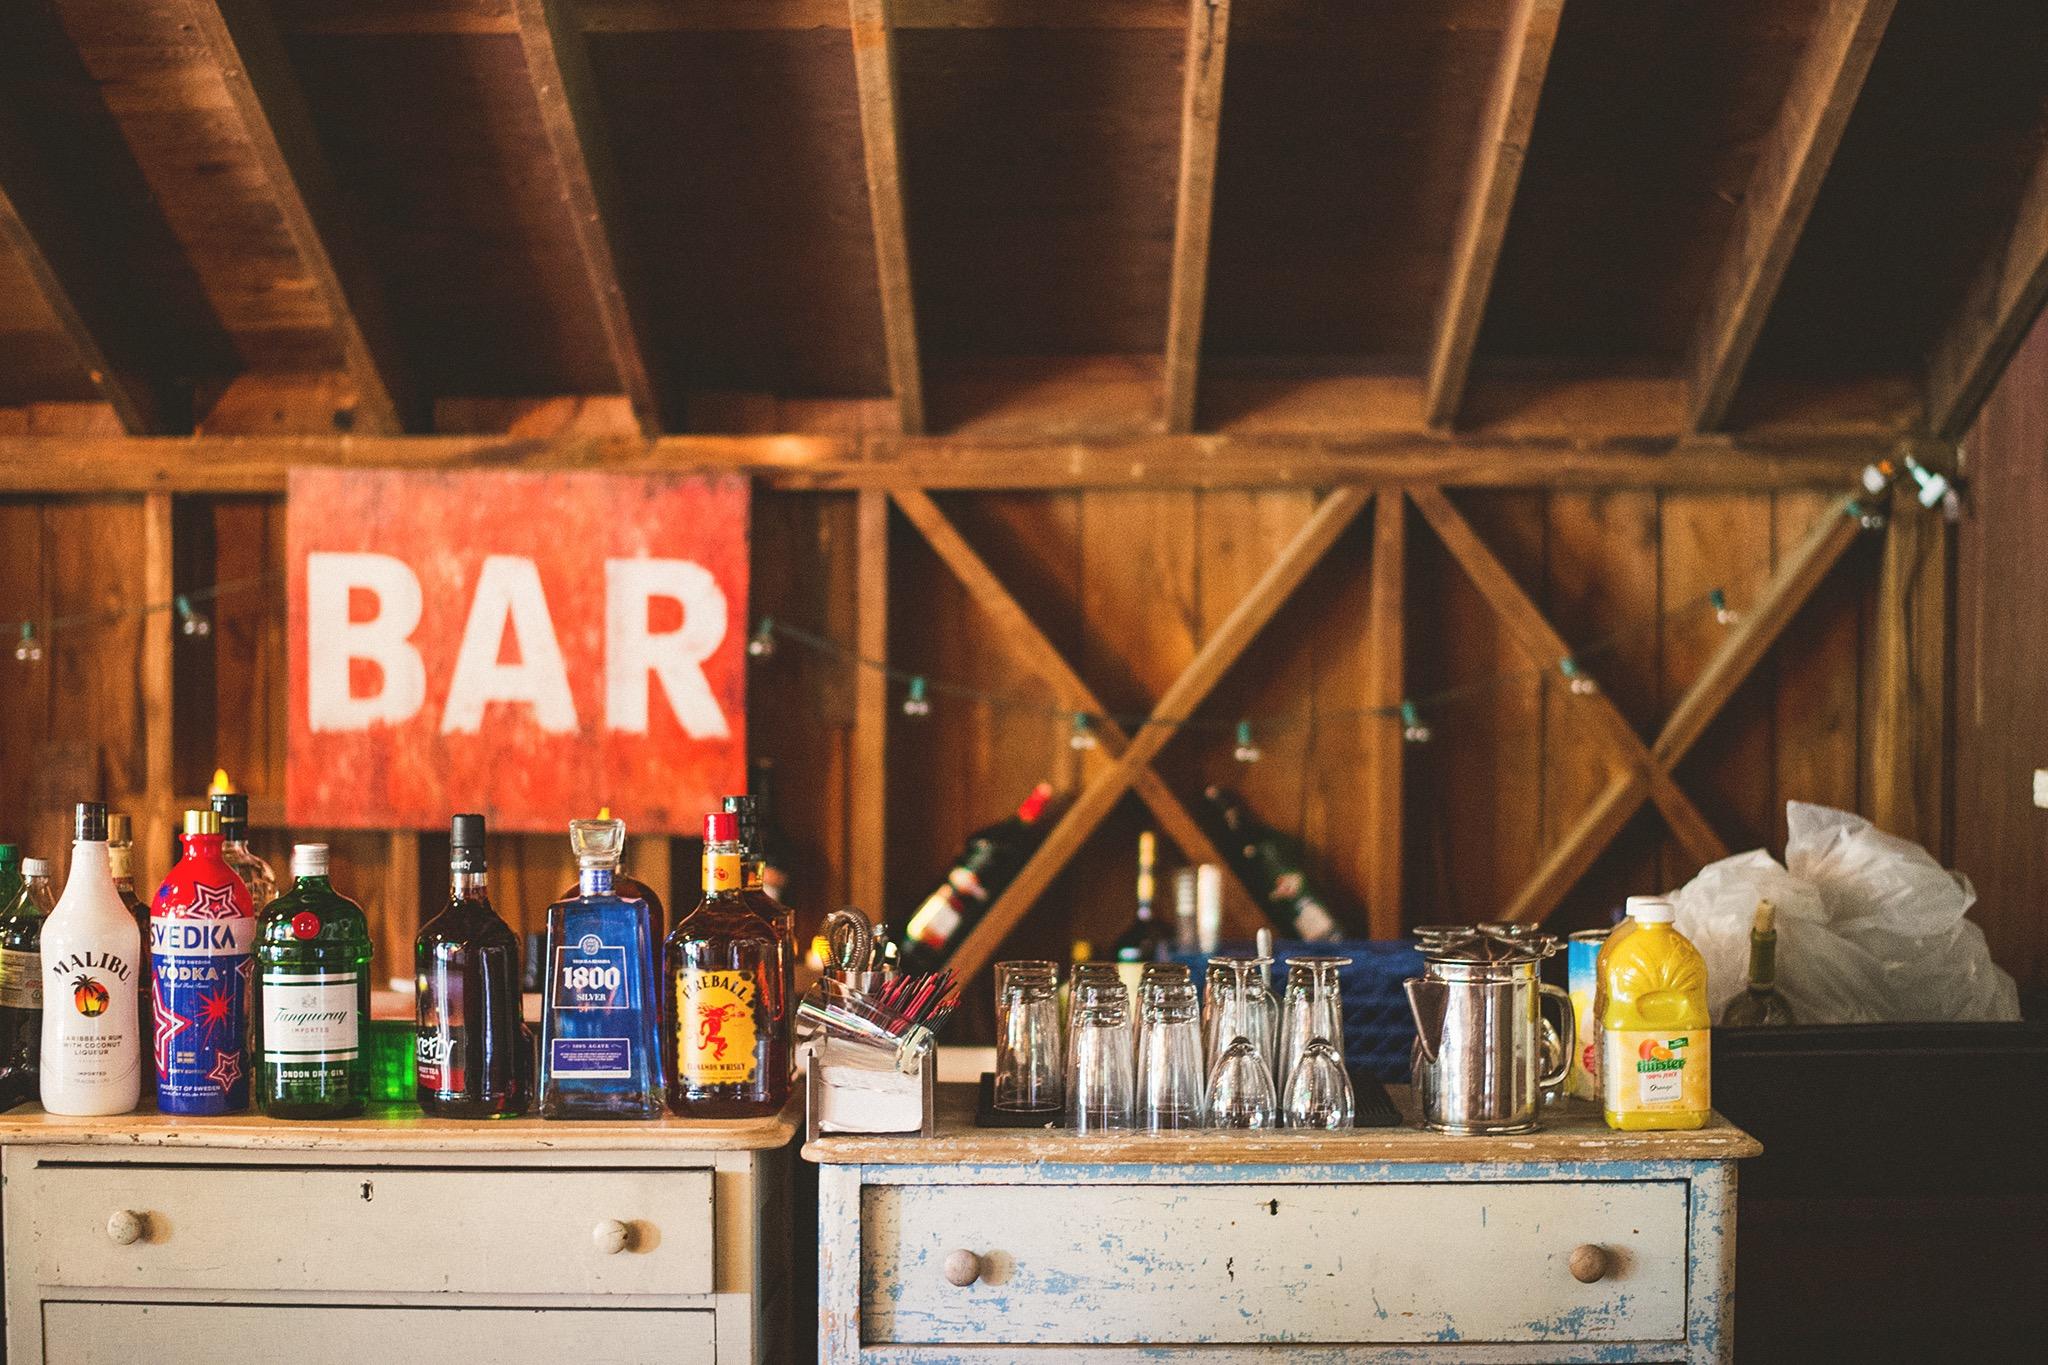 77-jacks-barn-bar.jpg